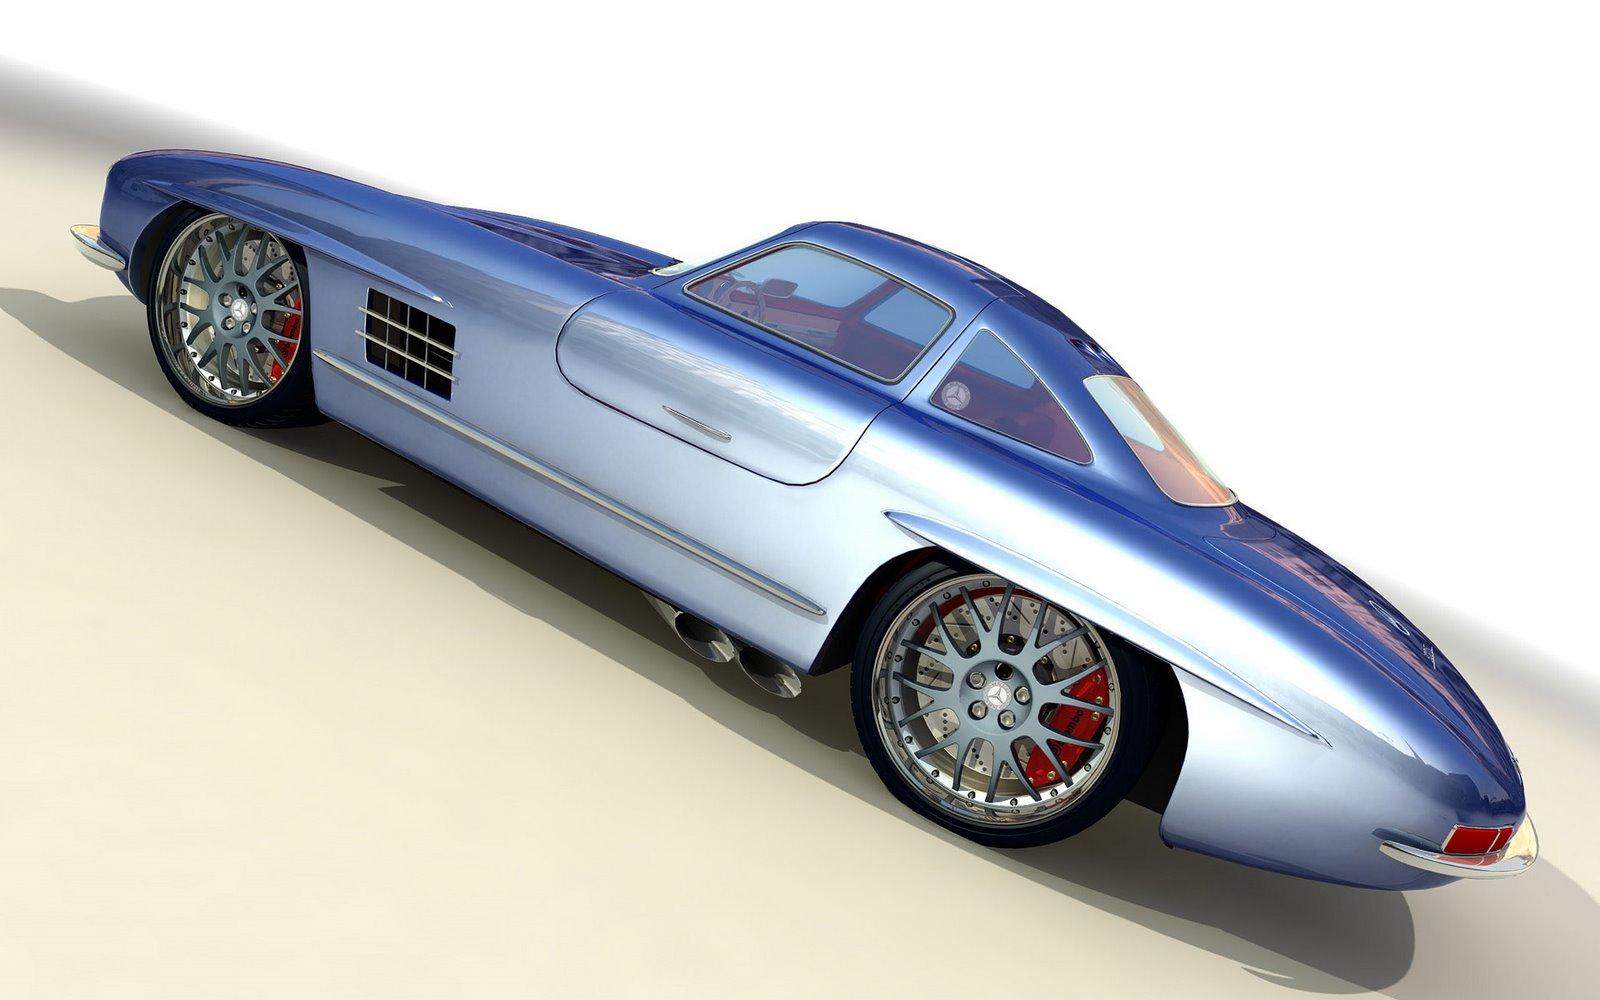 http://4.bp.blogspot.com/_z51hrrVaAI0/SXnmjXiv_cI/AAAAAAAAAys/Jh6fqe0ILDs/s1600/029+Mercedes+Muscle+2.jpg